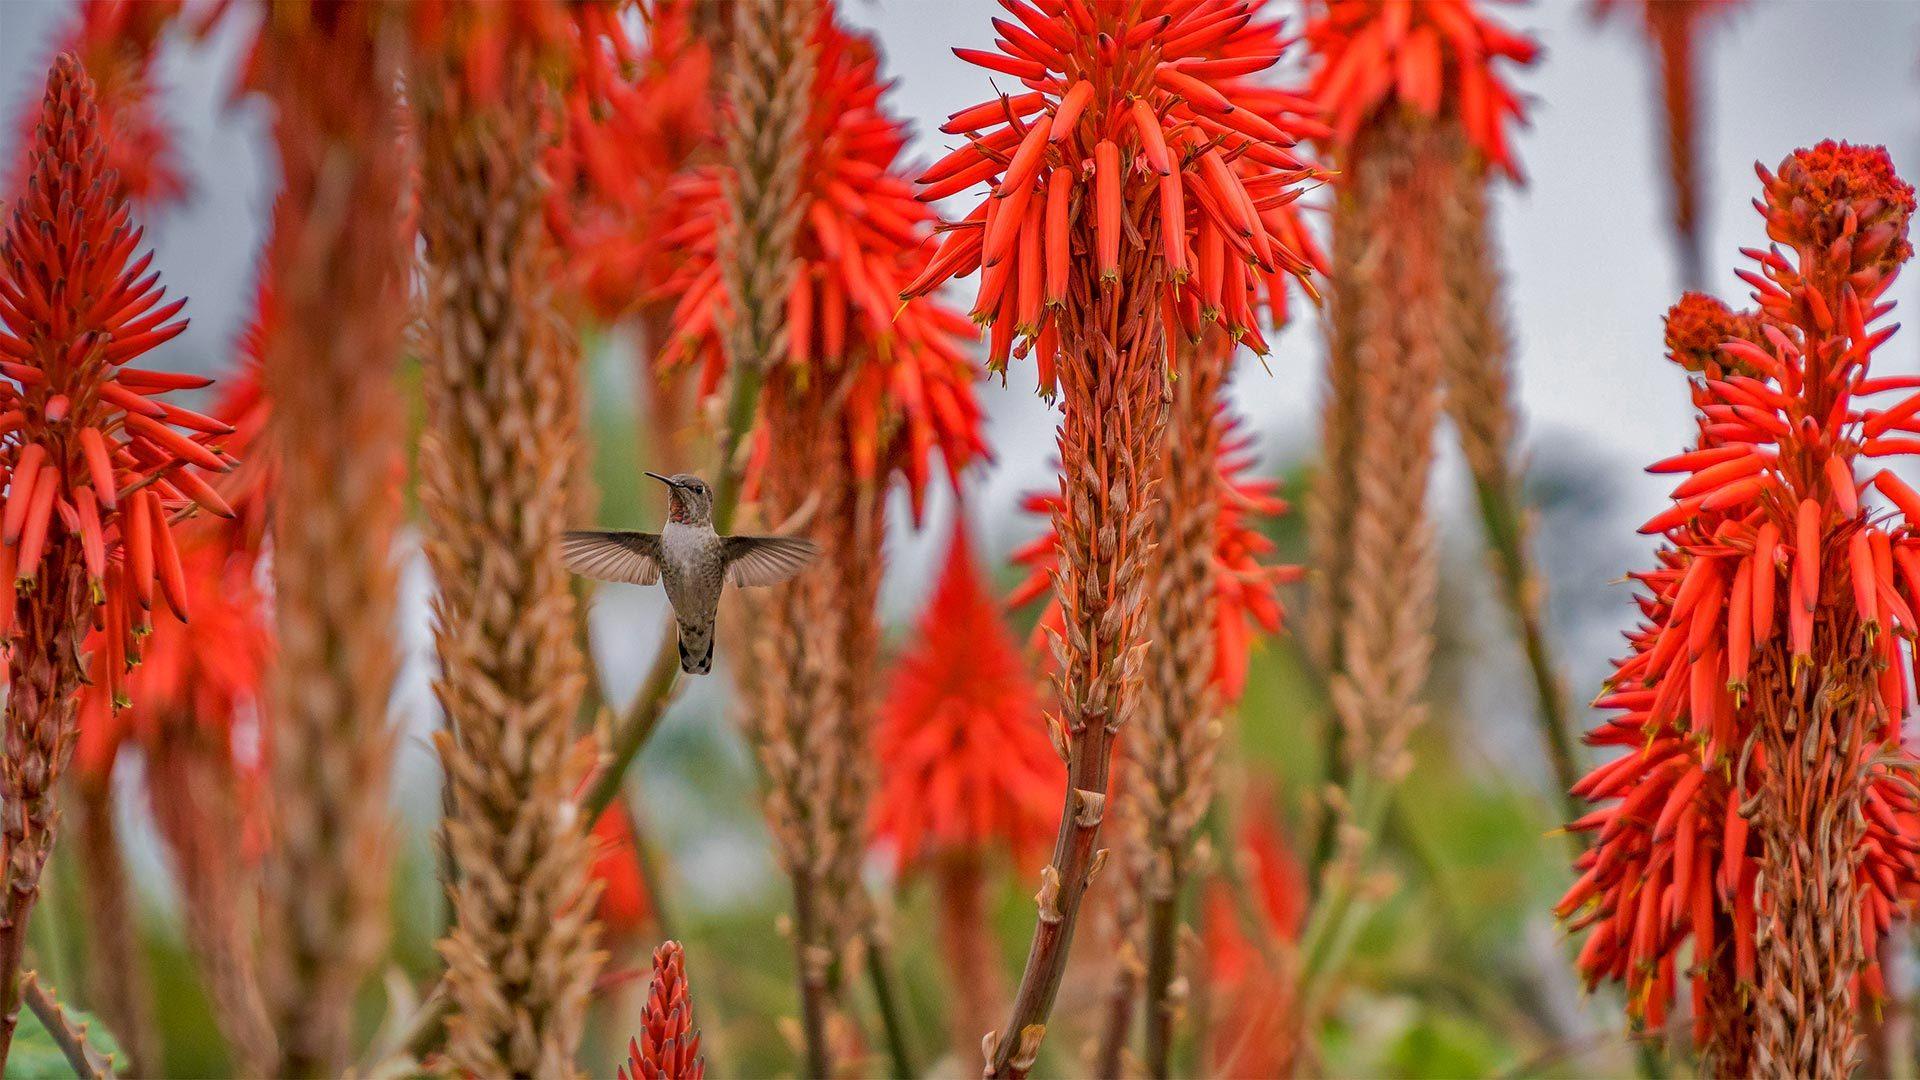 一只蜂鸟盘旋在盛开的芦荟花丛中